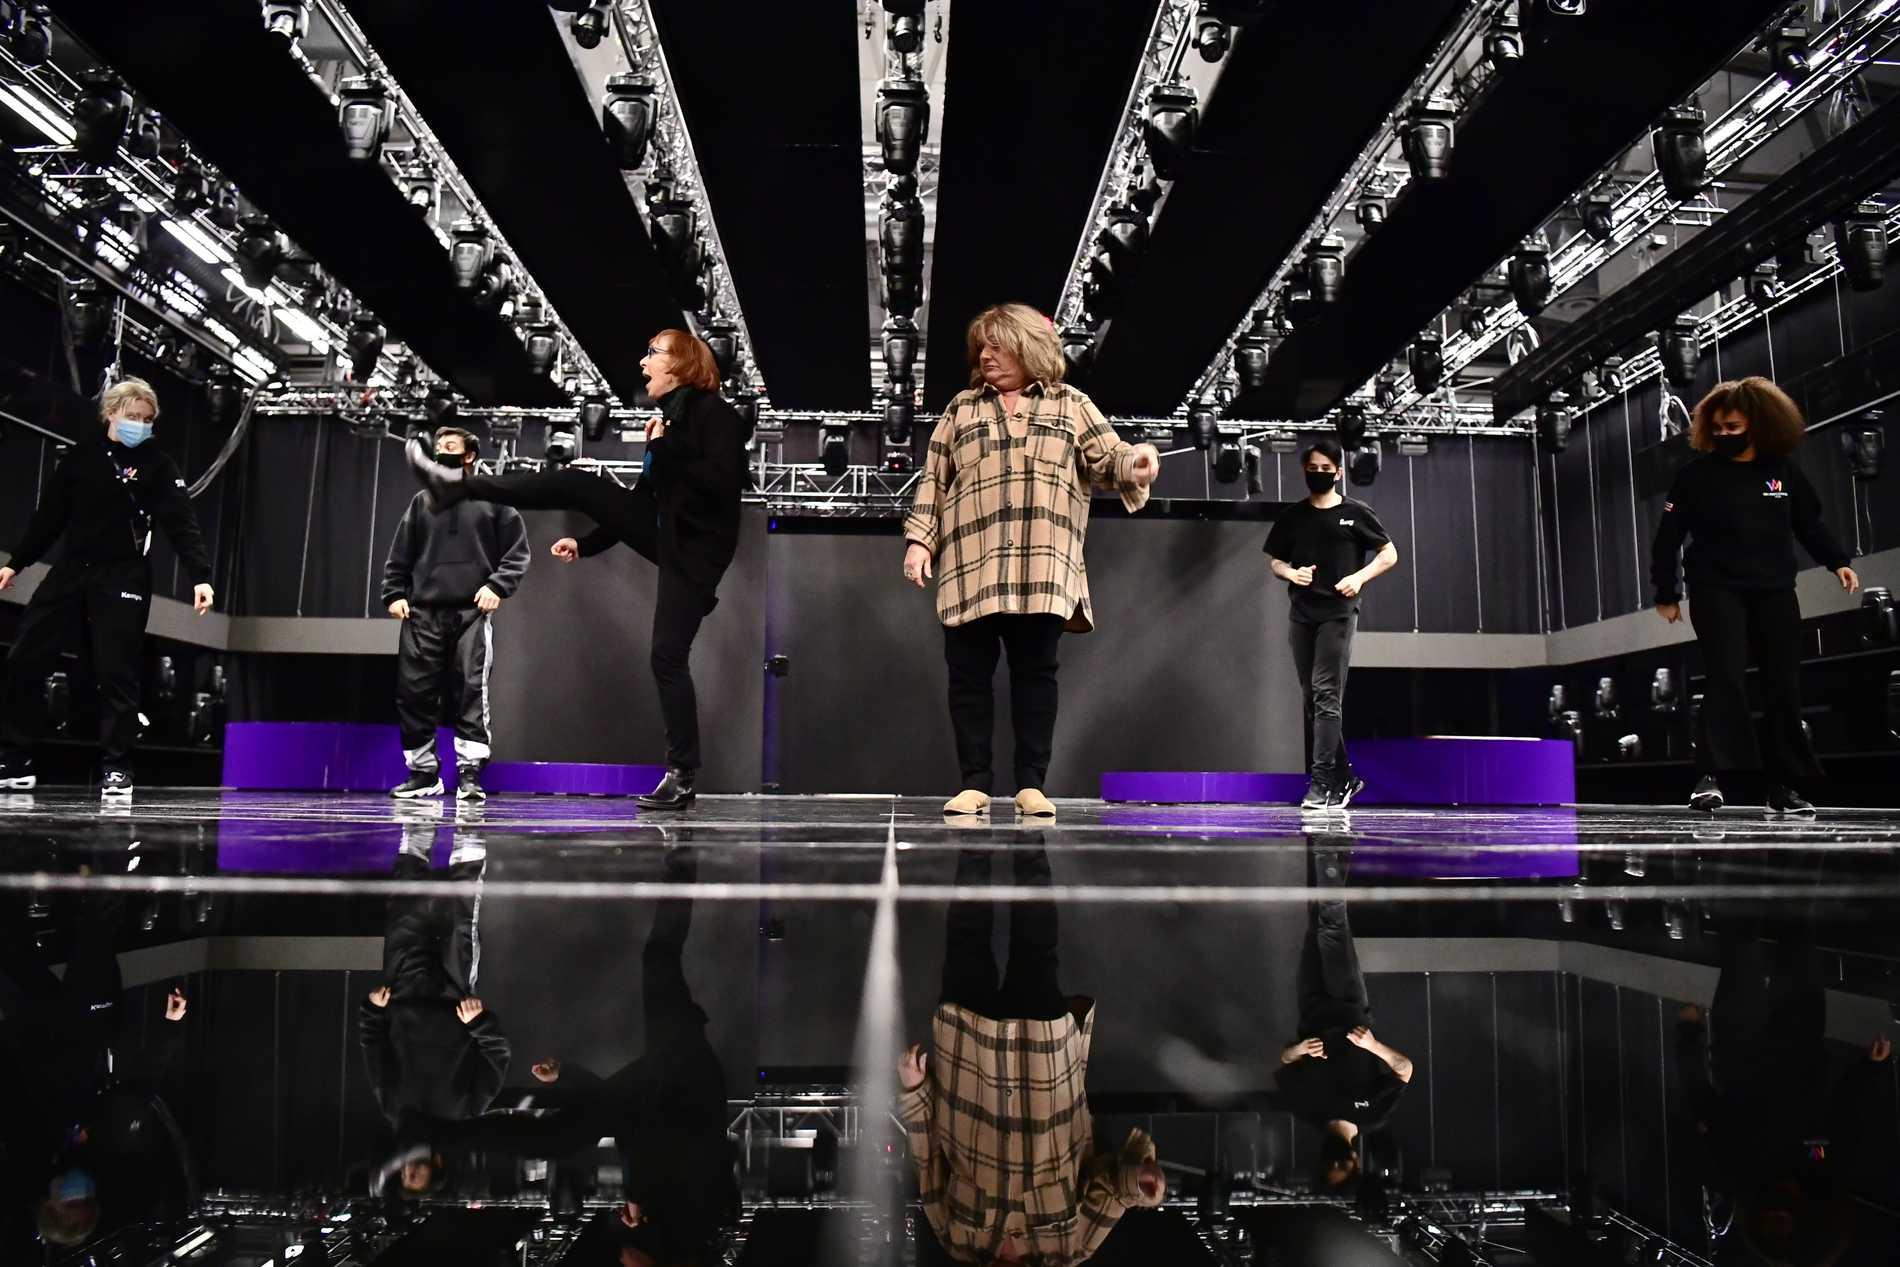 Eva Rydberg kickar i taket medan Ewa Roos tittar på under en första repetition på Melodifestivalens scen